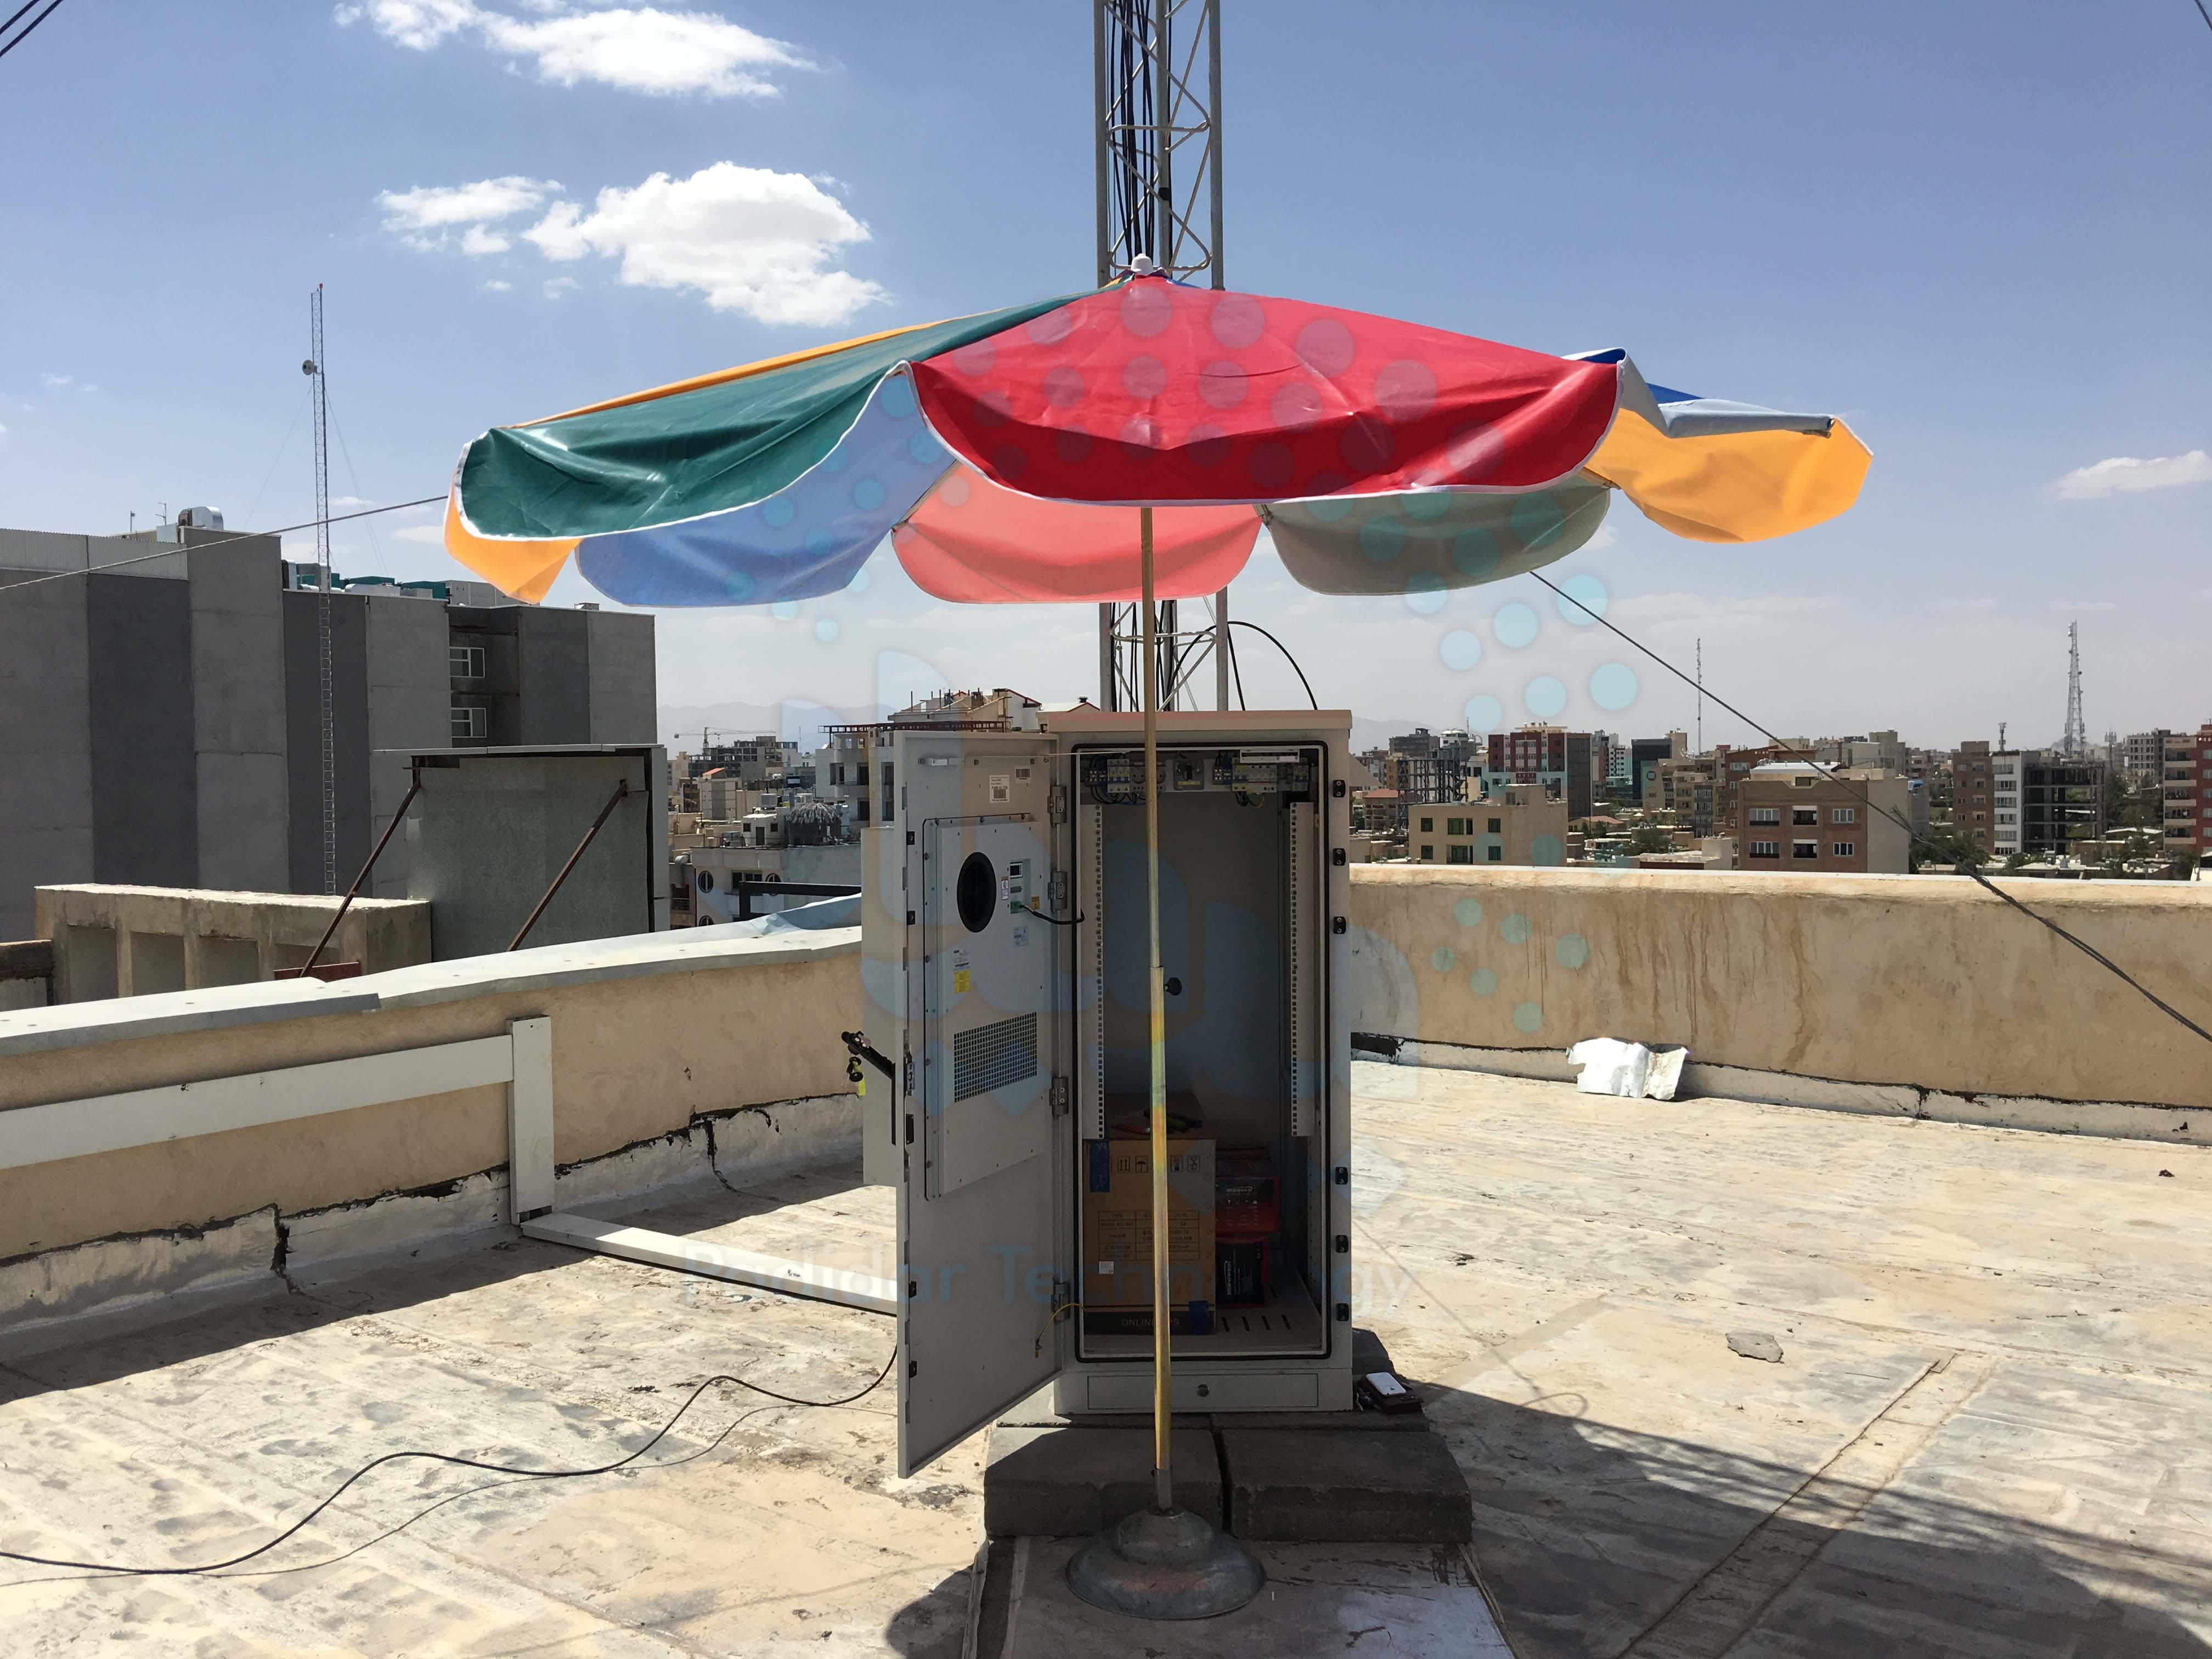 شرکت فناوری پدیدار ارتباط پایدار